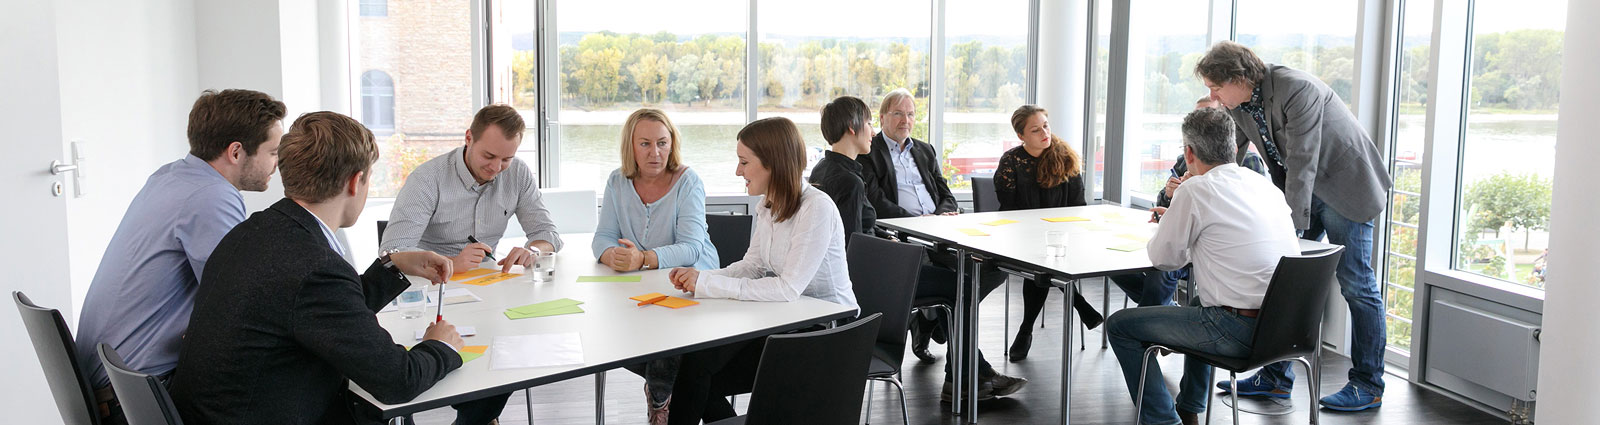 Bonn Konferenz Raum mieten